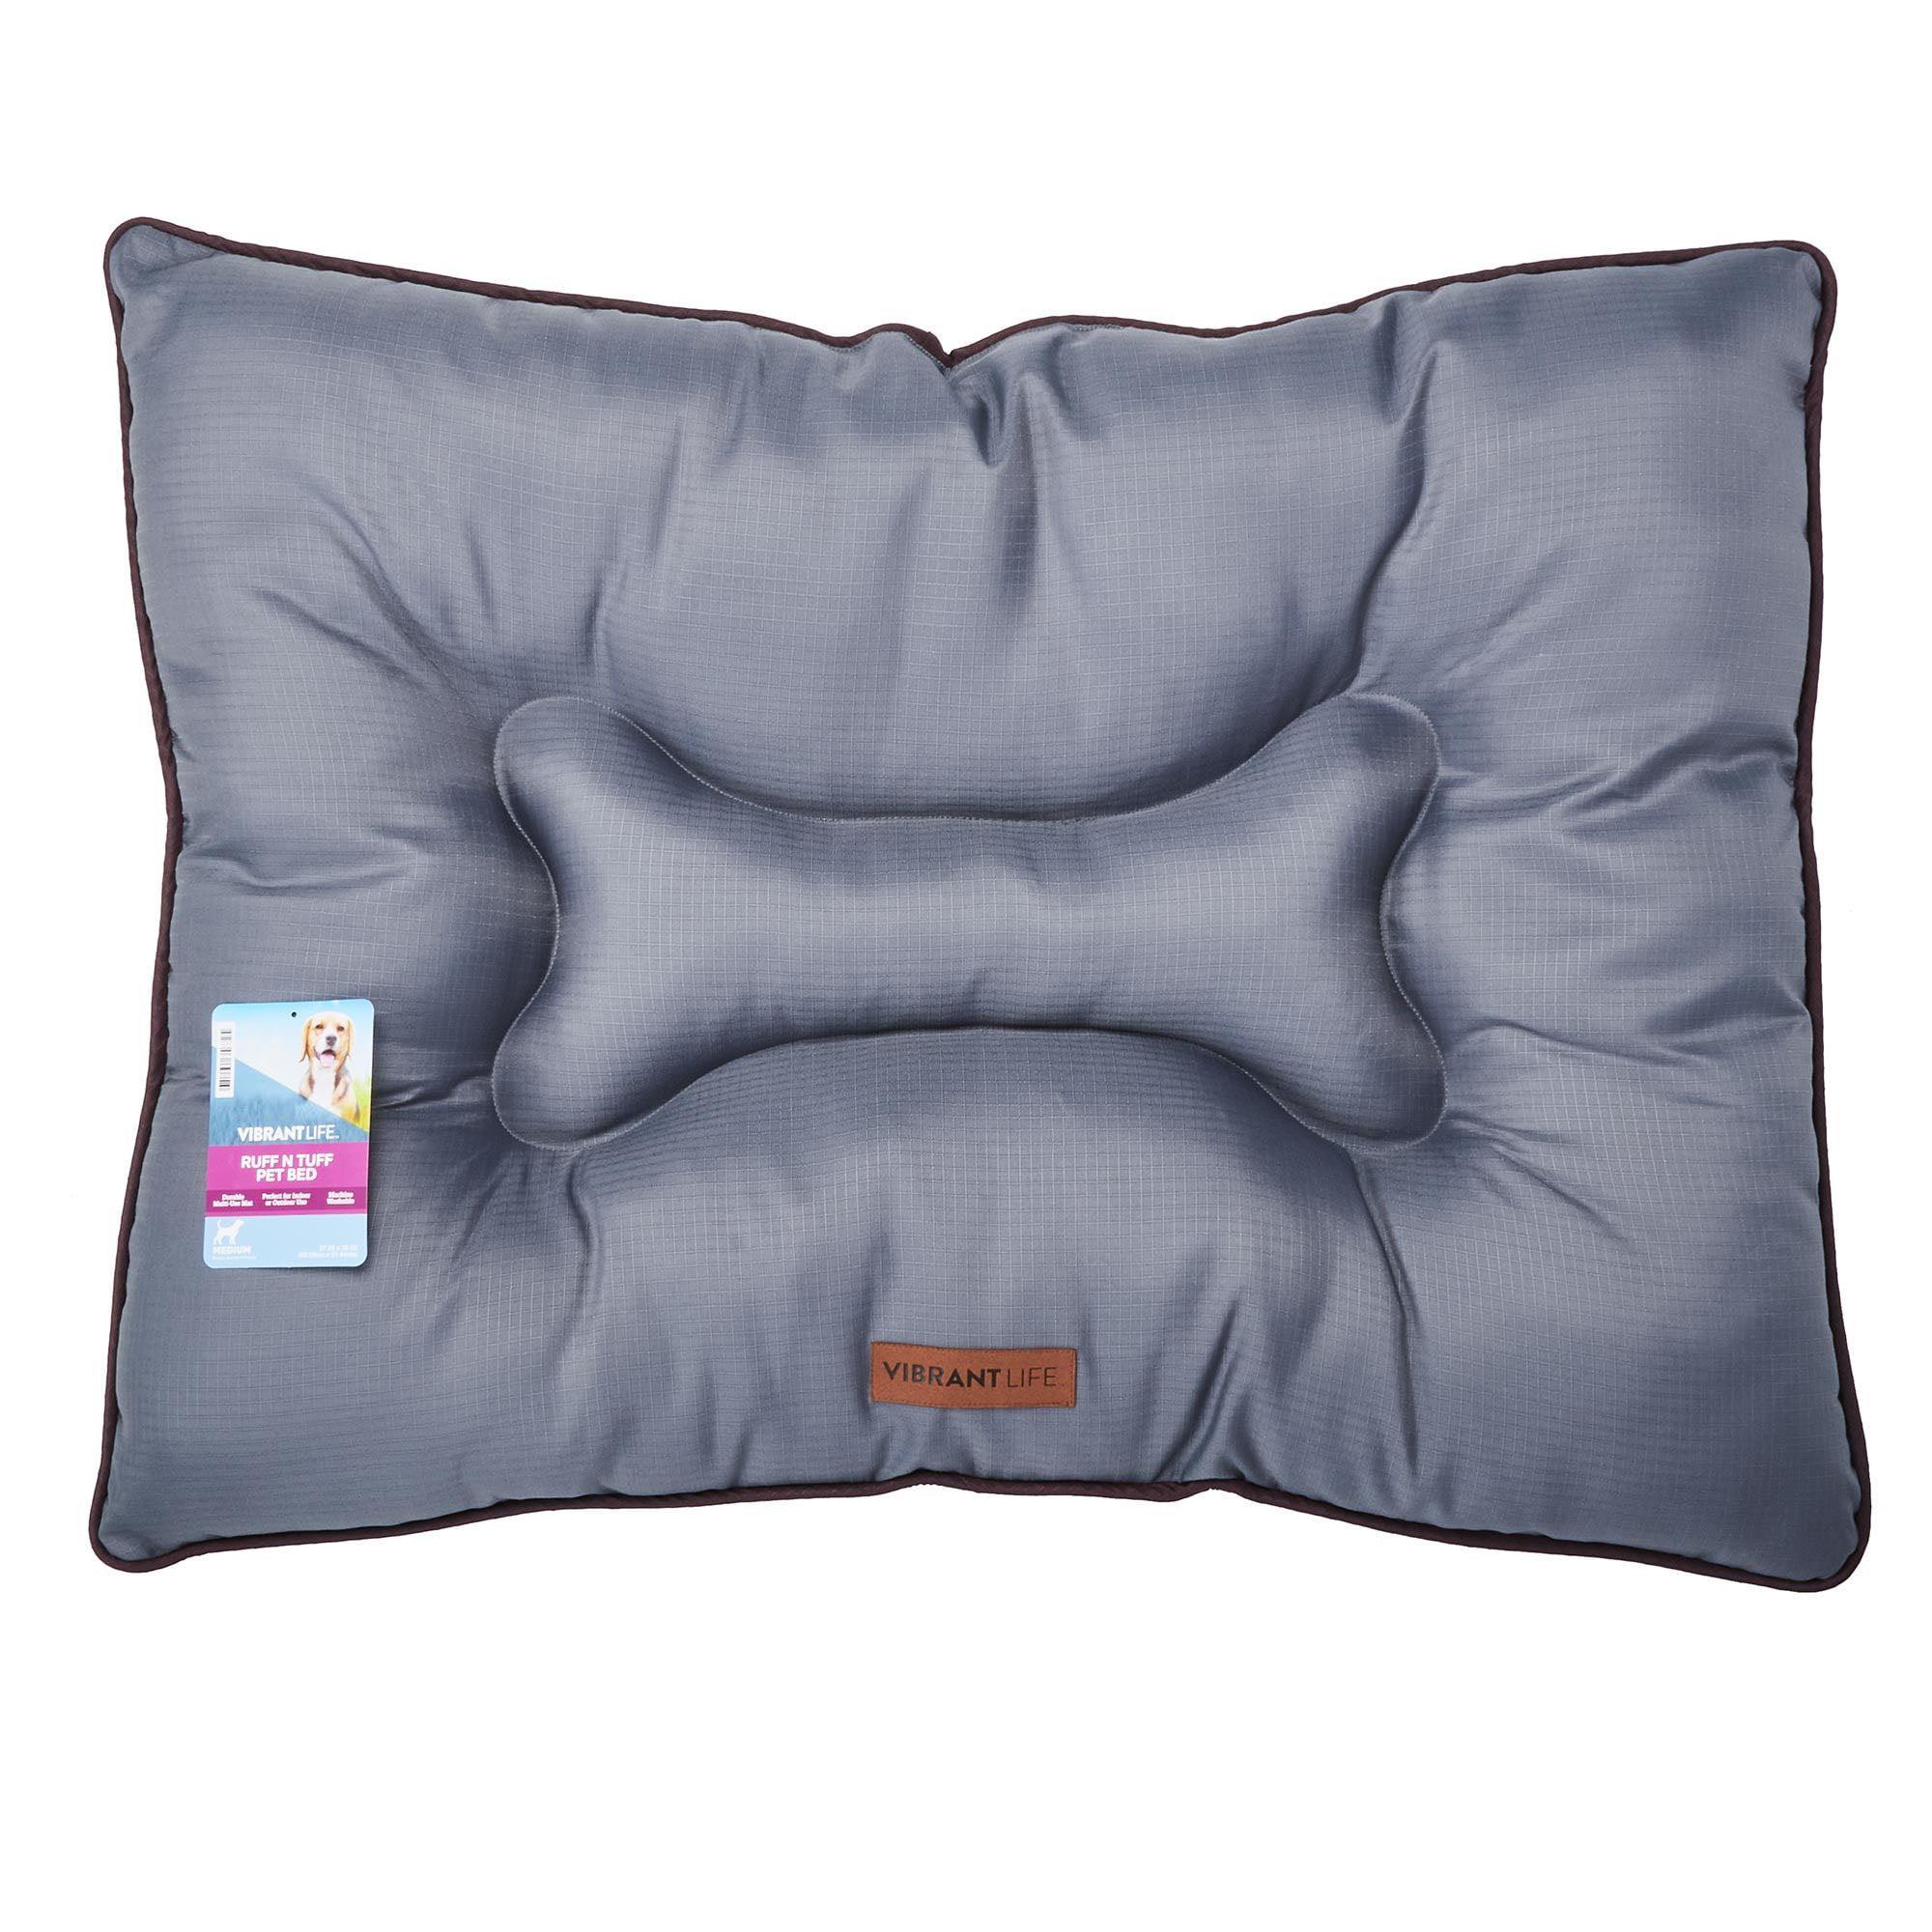 Vibrant Life 27 X 36 Ruff N Tuff Indoor Outdoor Durable Pet Bed Medium Gray Walmart Com Walmart Com